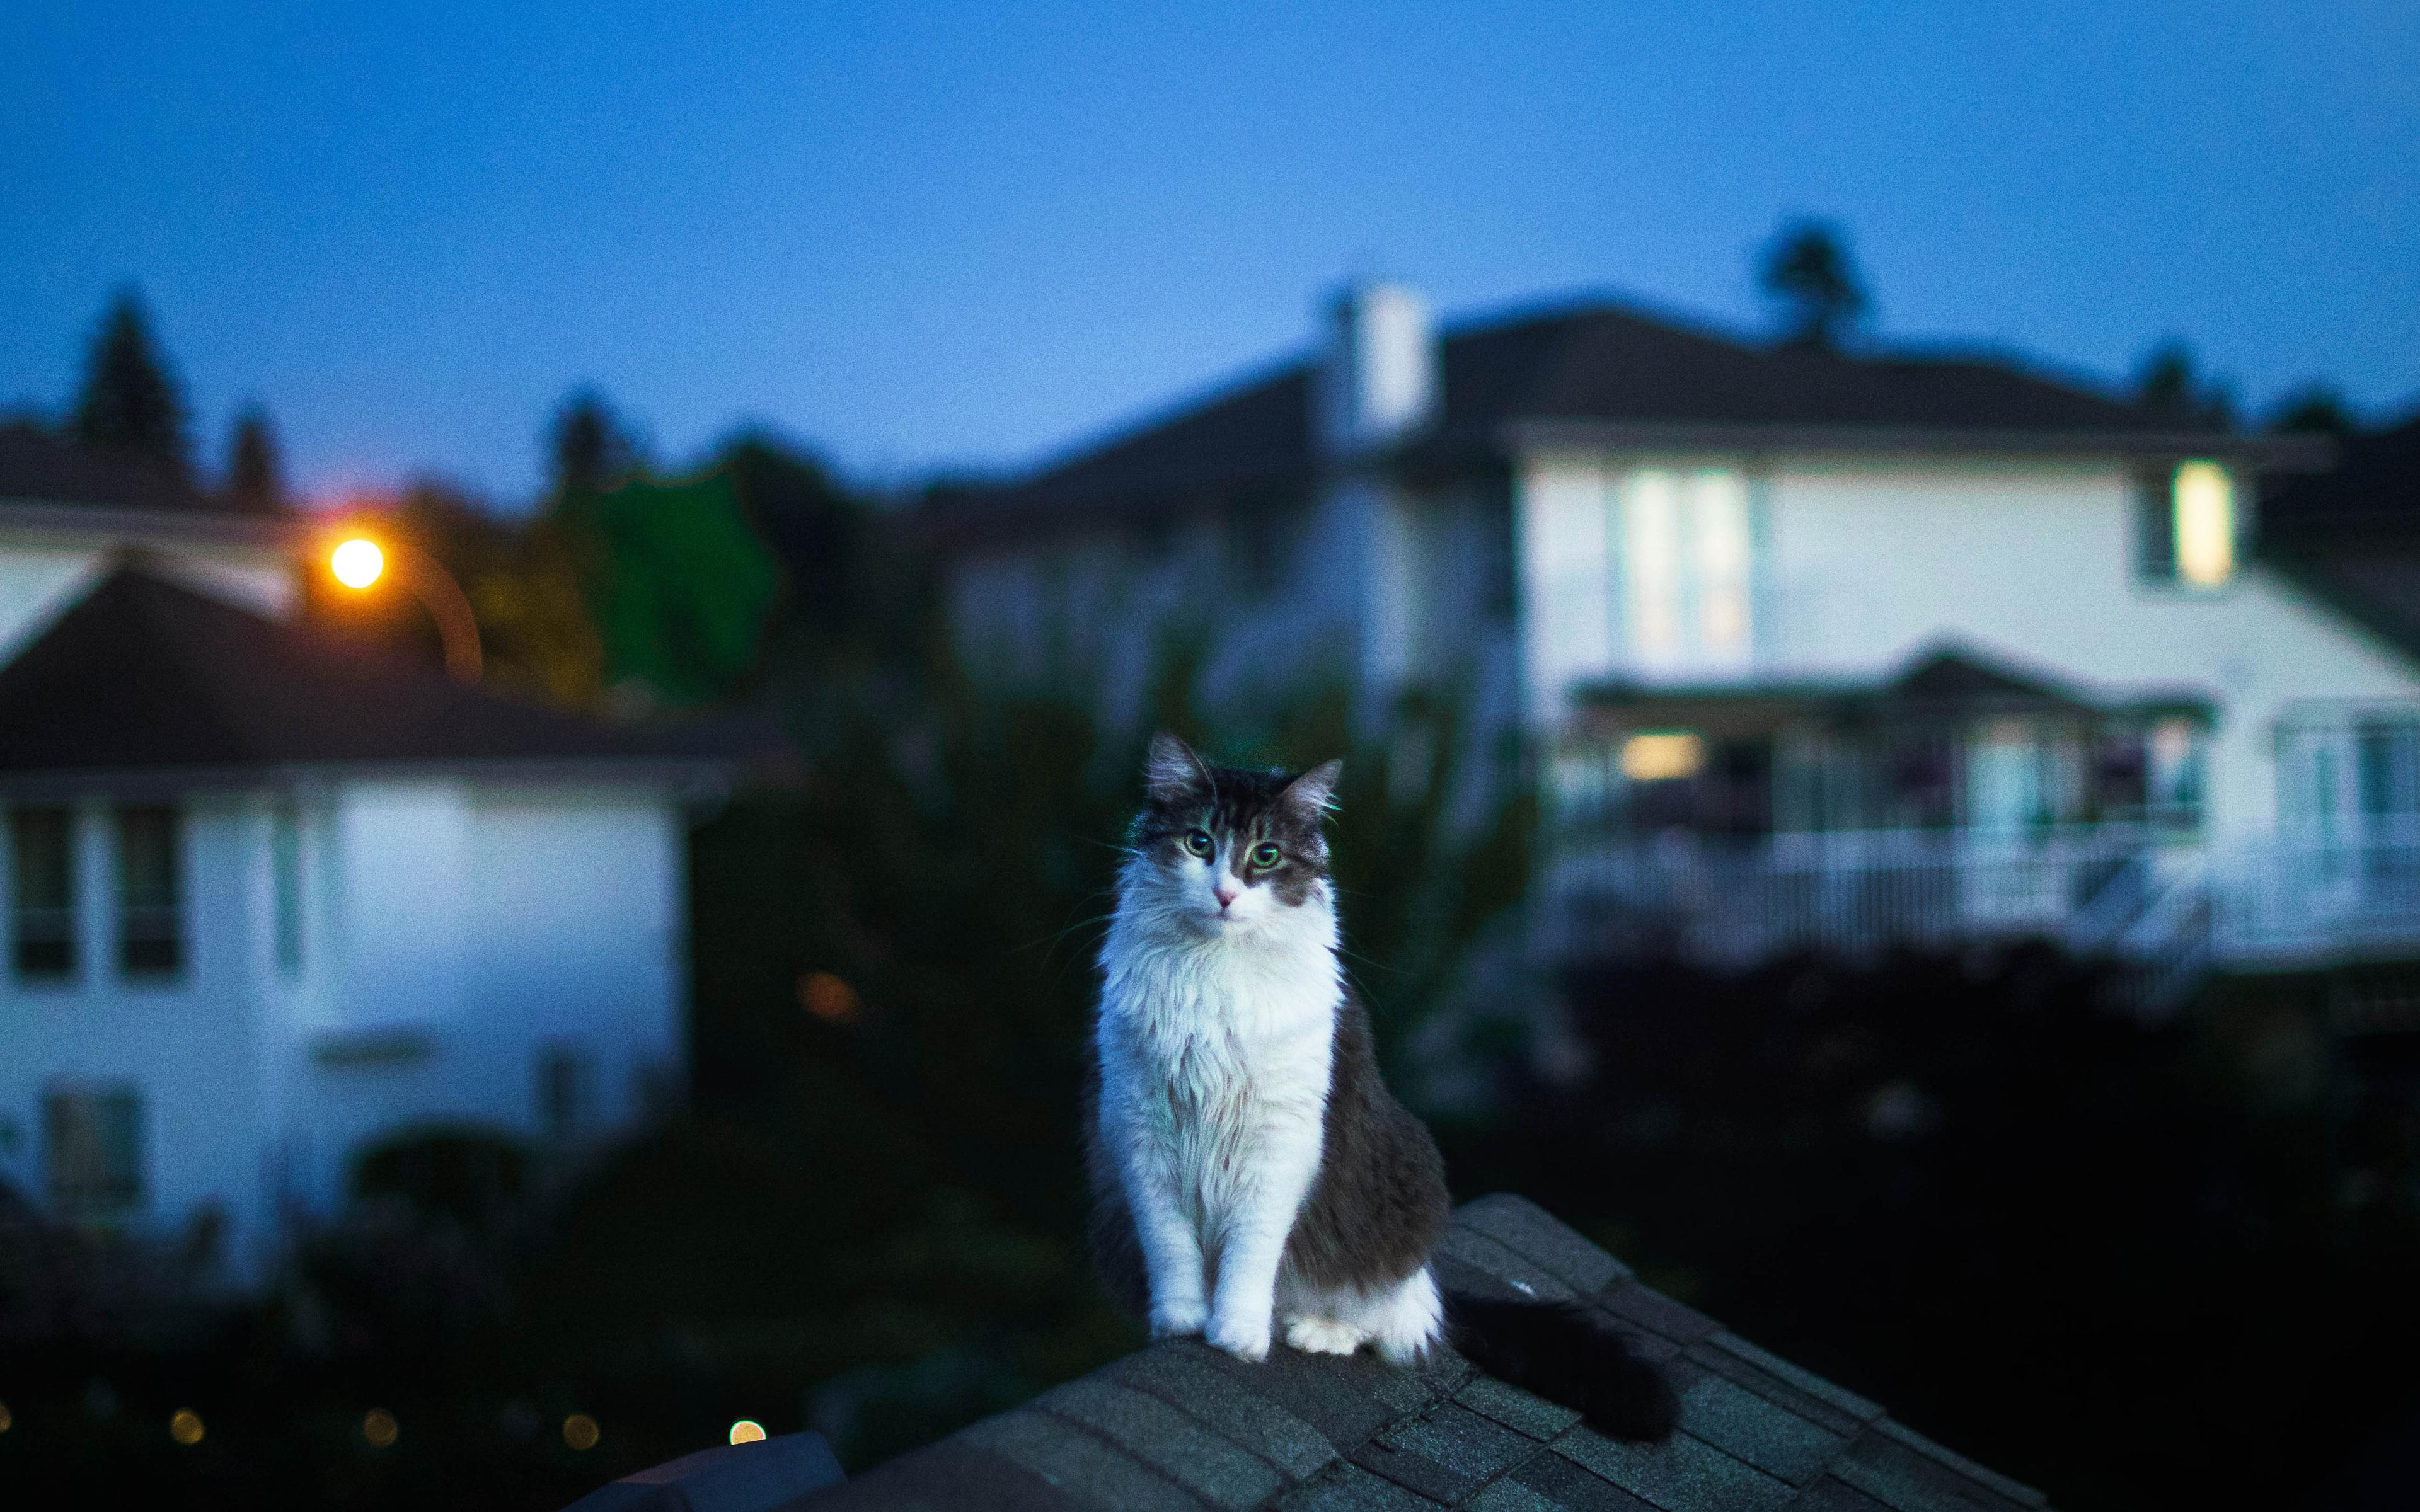 cat-on-roof-5k-kh.jpg